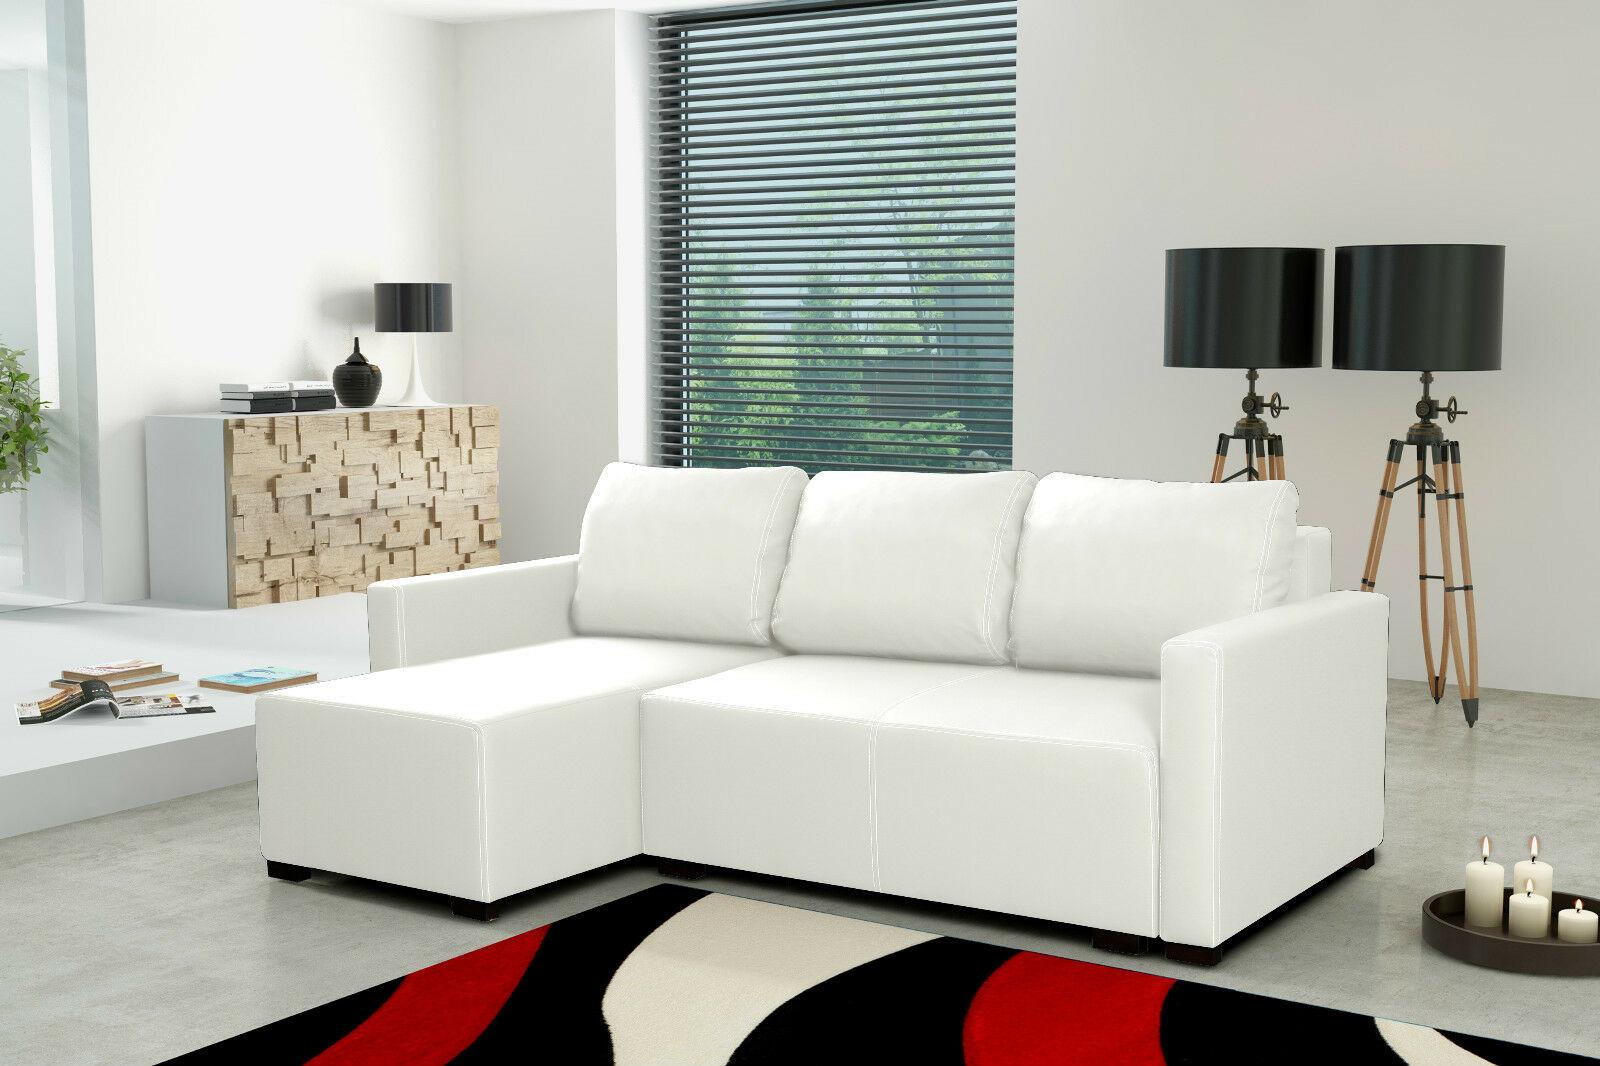 Couchgarnitur Sofa Polsterecke Couch Rivano Weiß Schlaffunktion